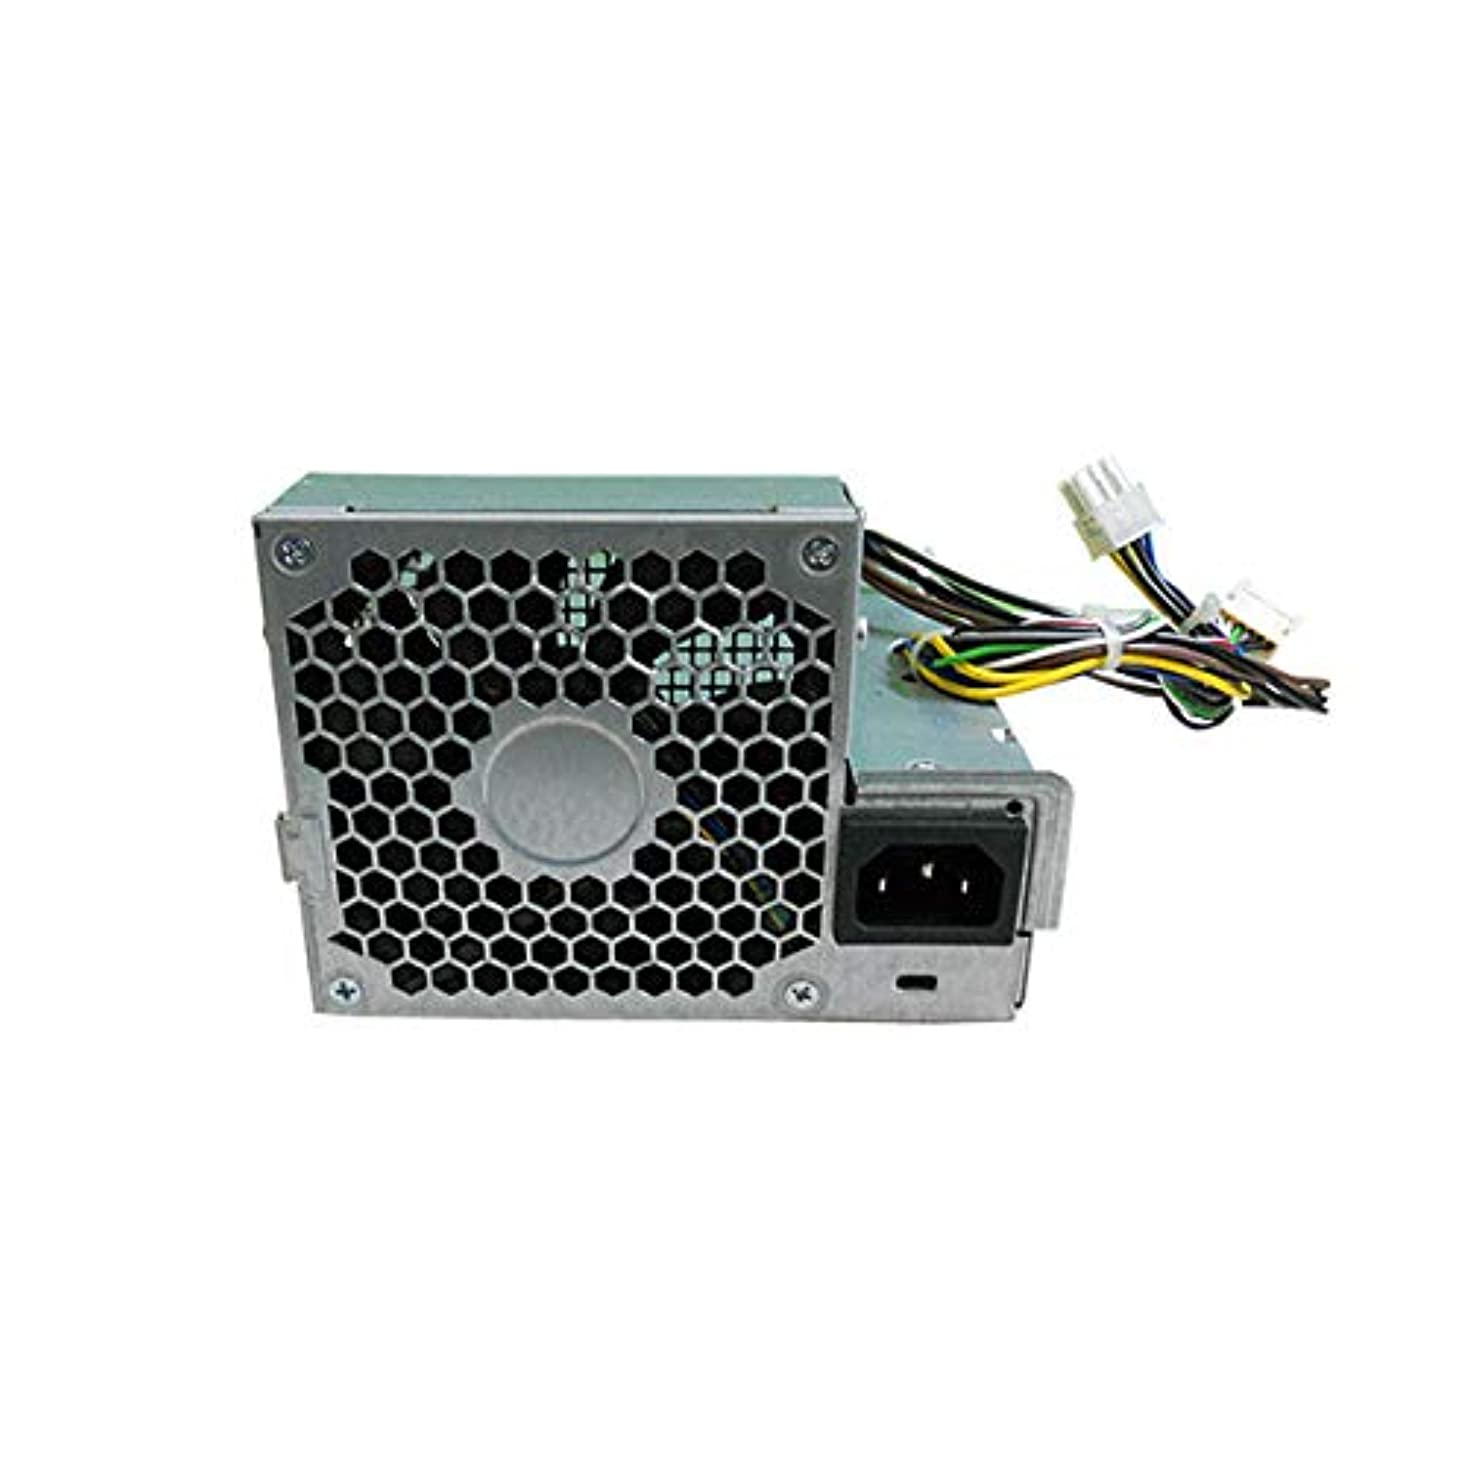 イノセンス霜運動Kailyr HP-D2402A0 HP-D2402E0 CFH0240WWB DPS-240RB D10-240P1A DPS-240RB DPS-240TB A デスクトップコンピュータ電源 for HP Compaq Z200 4000 6000 6005 6200 8000 8100 8200 SFF 240W 修理交換用 PS4241-9HF PS-4241-9HA PS-4241-9HB PC8027 PC9058 PC8019 (絵として)